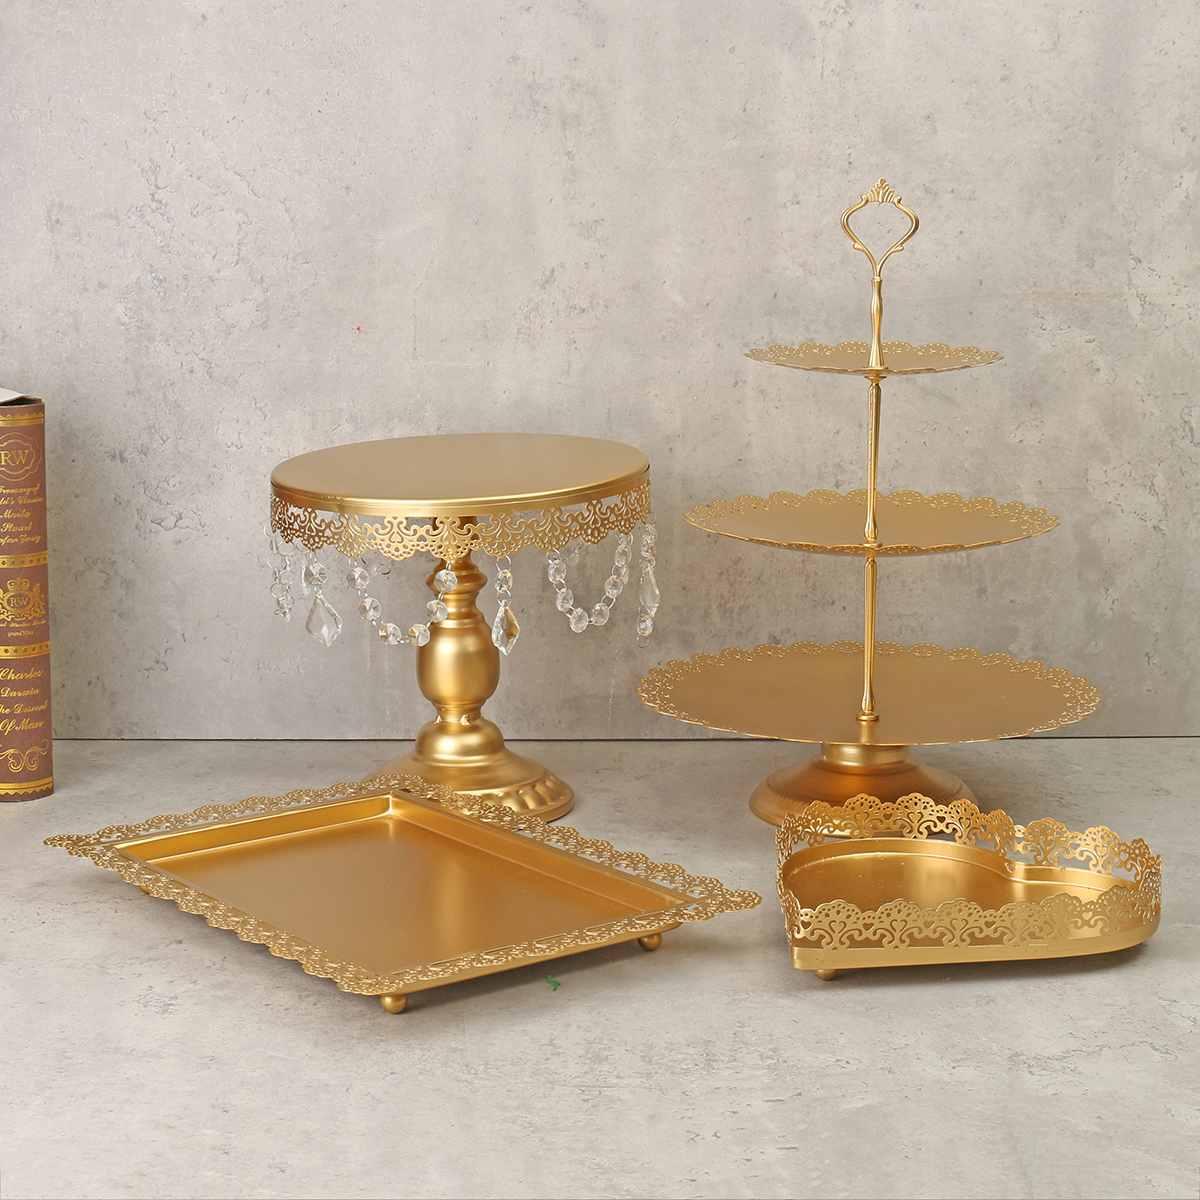 4 pièces/ensemble cristal métal gâteau Stand titulaire Cupcake servant présentoir fête d'anniversaire mariage décoration or/blanc